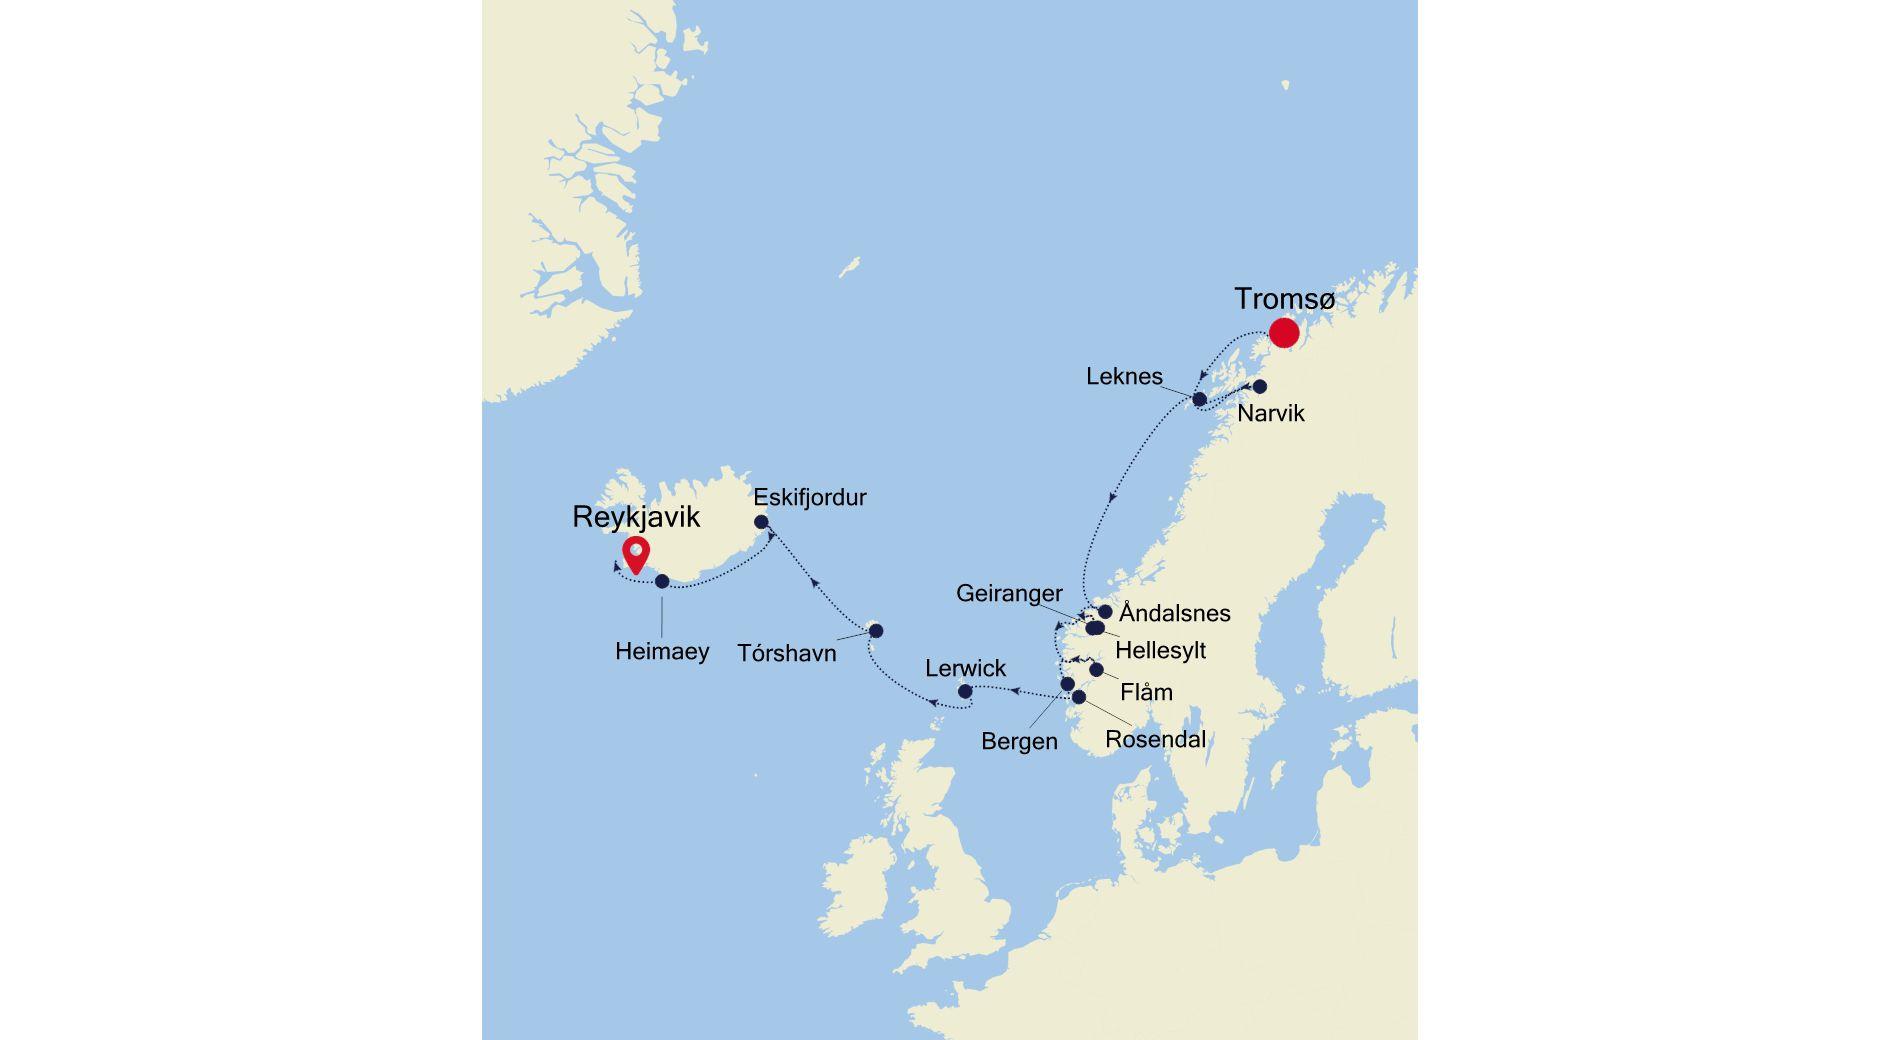 WH210807014 - Tromsø nach Reykjavik